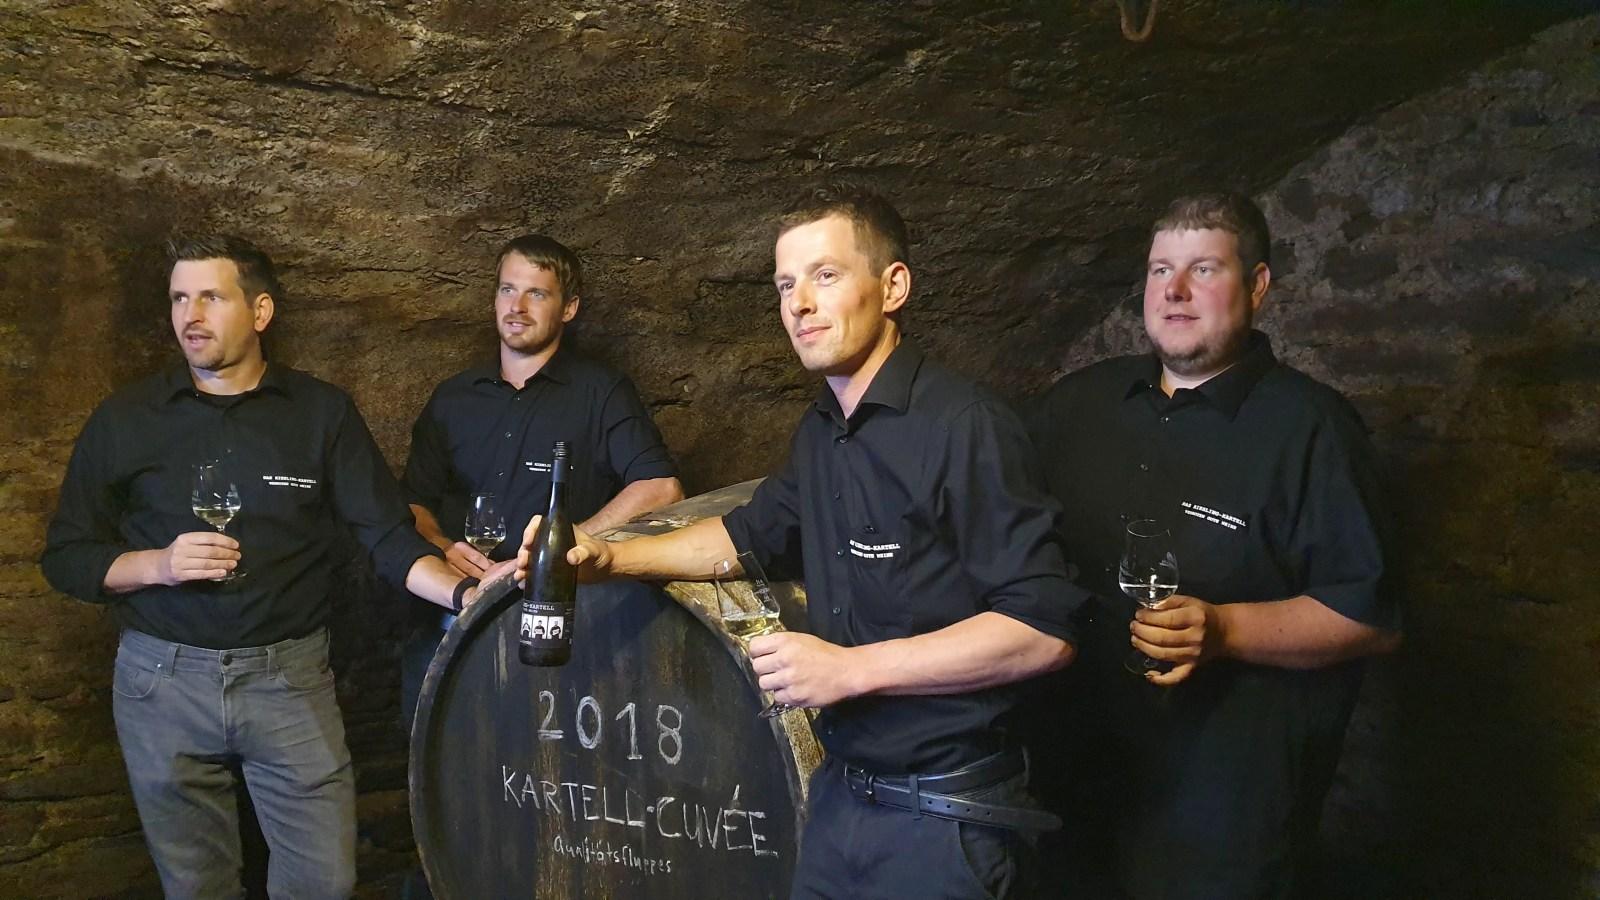 Die jungen Winzer des Riesling-Kartells - sie haben Deutschlands coolsten Wein kreiert.